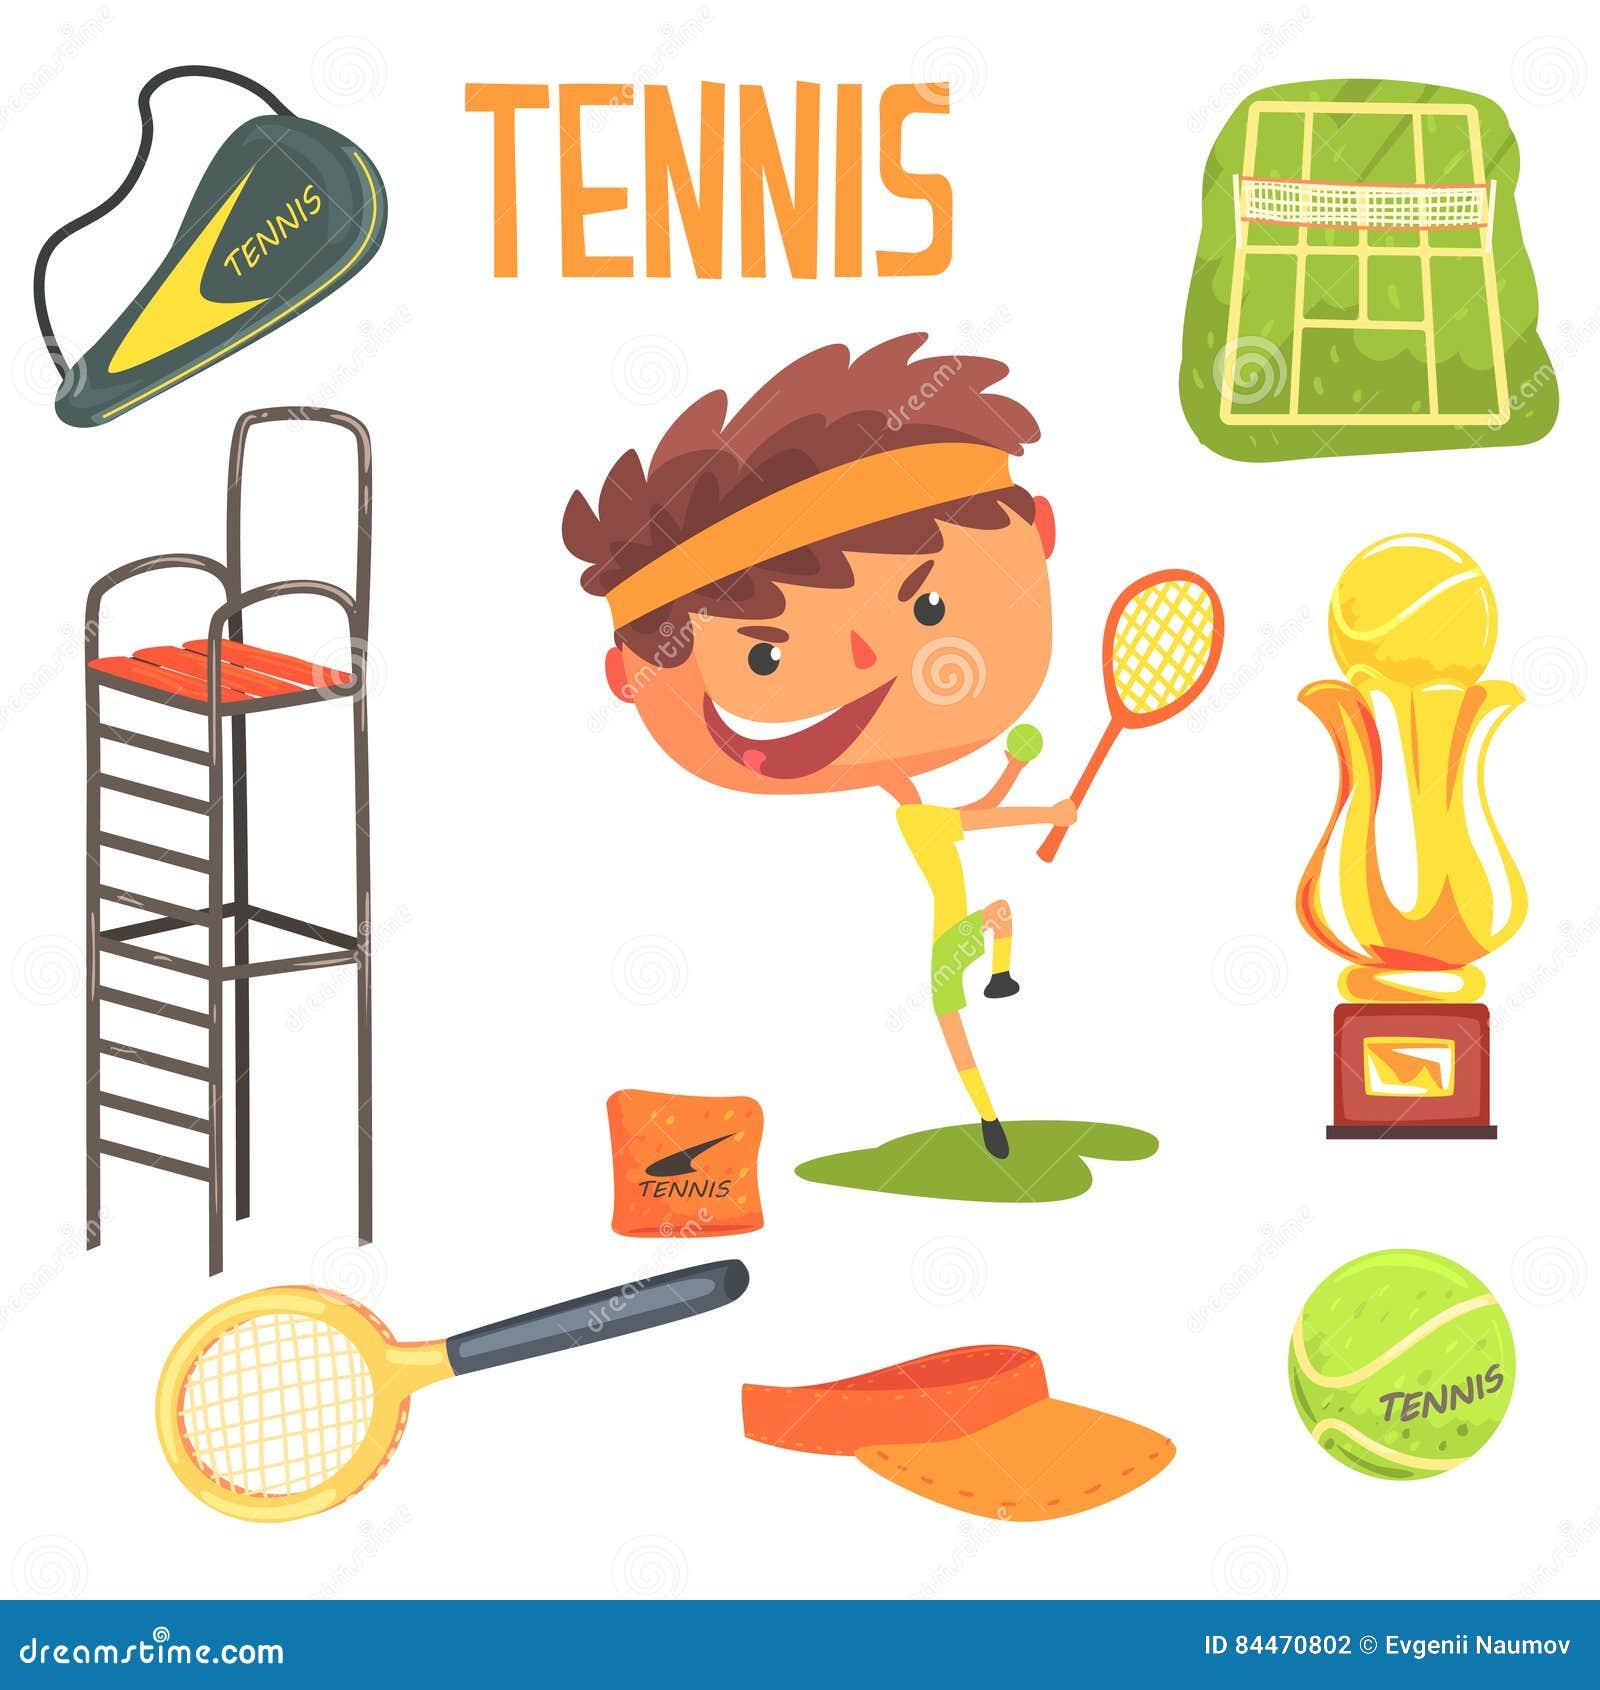 Chłopiec gracz w tenisa, dzieciak przyszłości sen zajęcia Fachowa ilustracja Z Powiązanym zawodów przedmioty